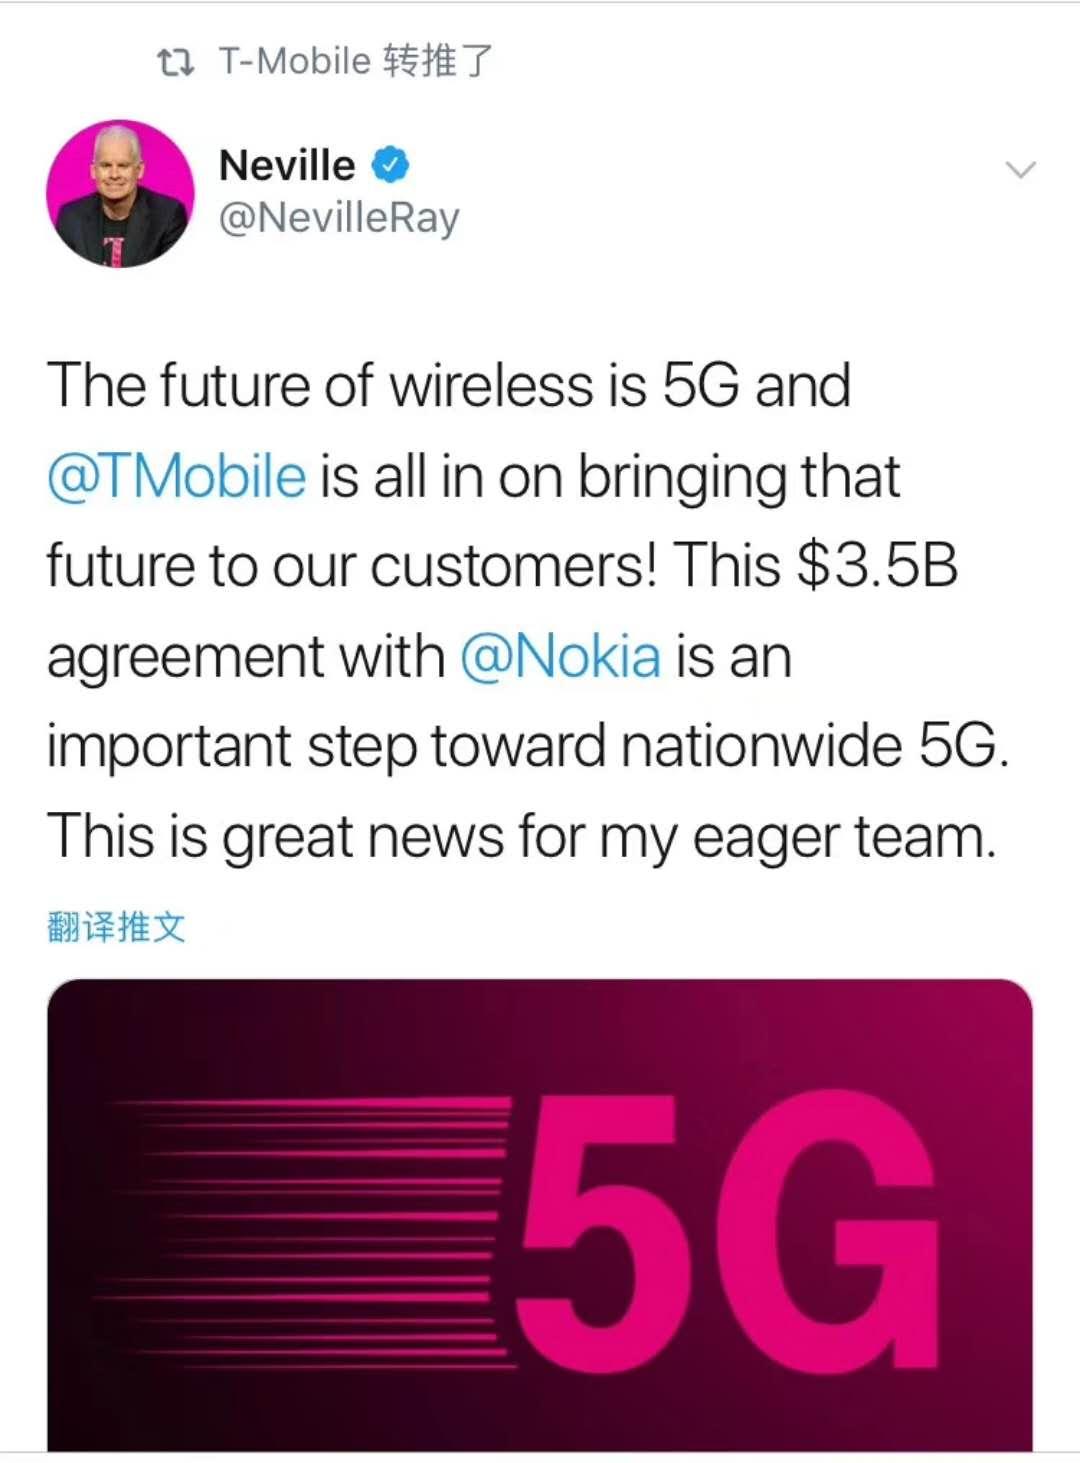 迄今最大5G订单:诺基亚赢得T-Mobile美国公司35亿美元合同